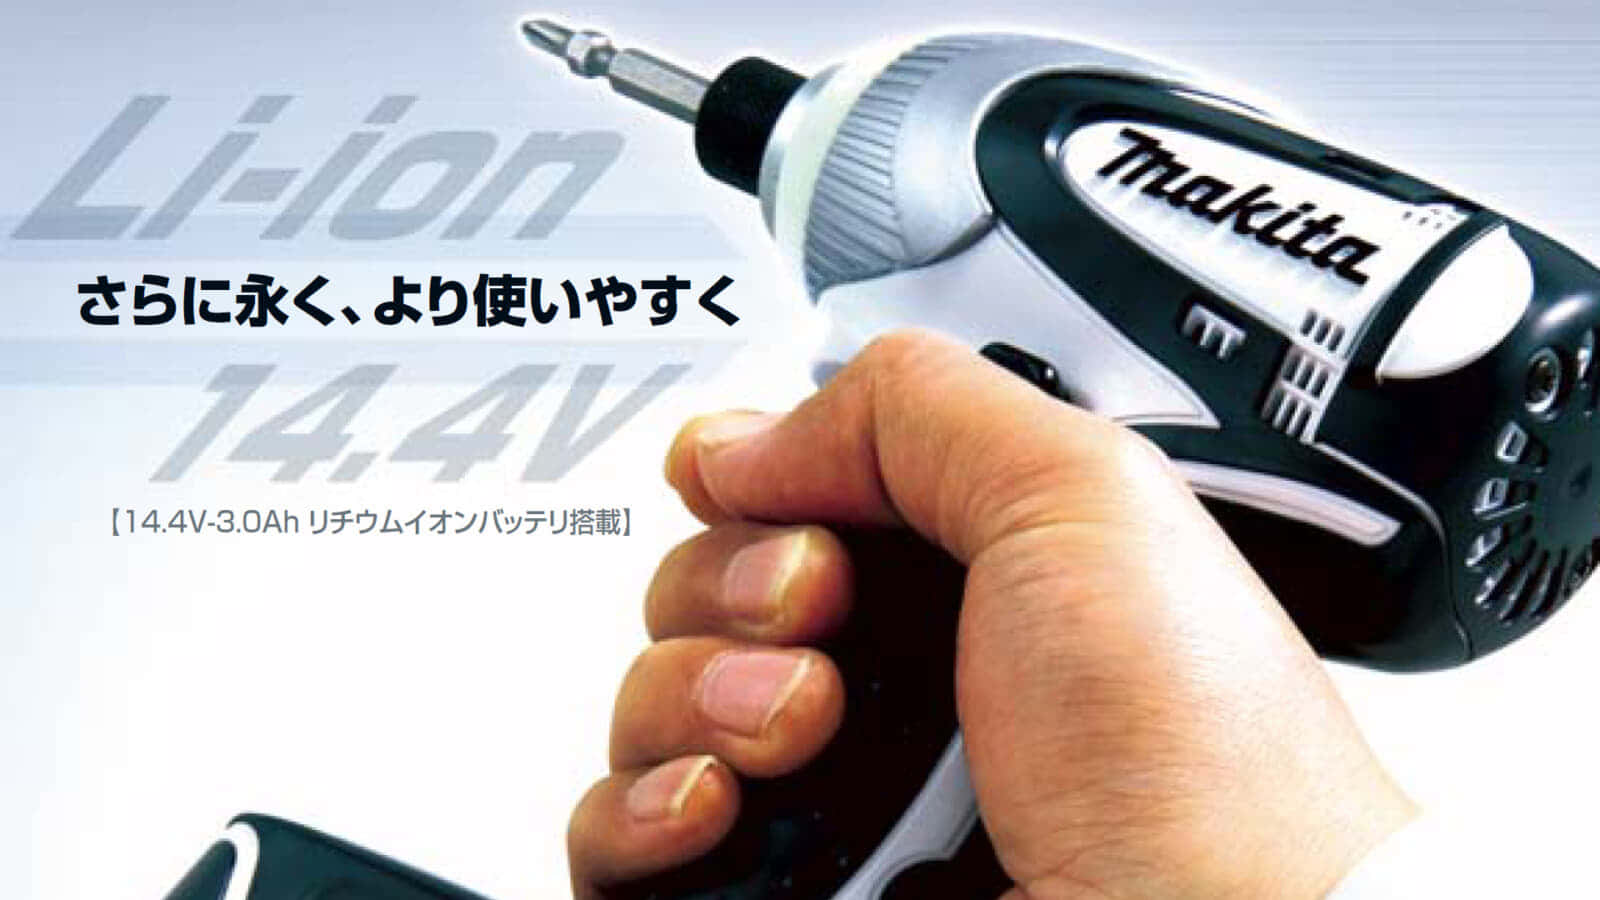 なぜマキタは電動工具トップメーカーになれたのか、マキタとHiKOKI (日立工機)リチウムイオン戦略の歴史